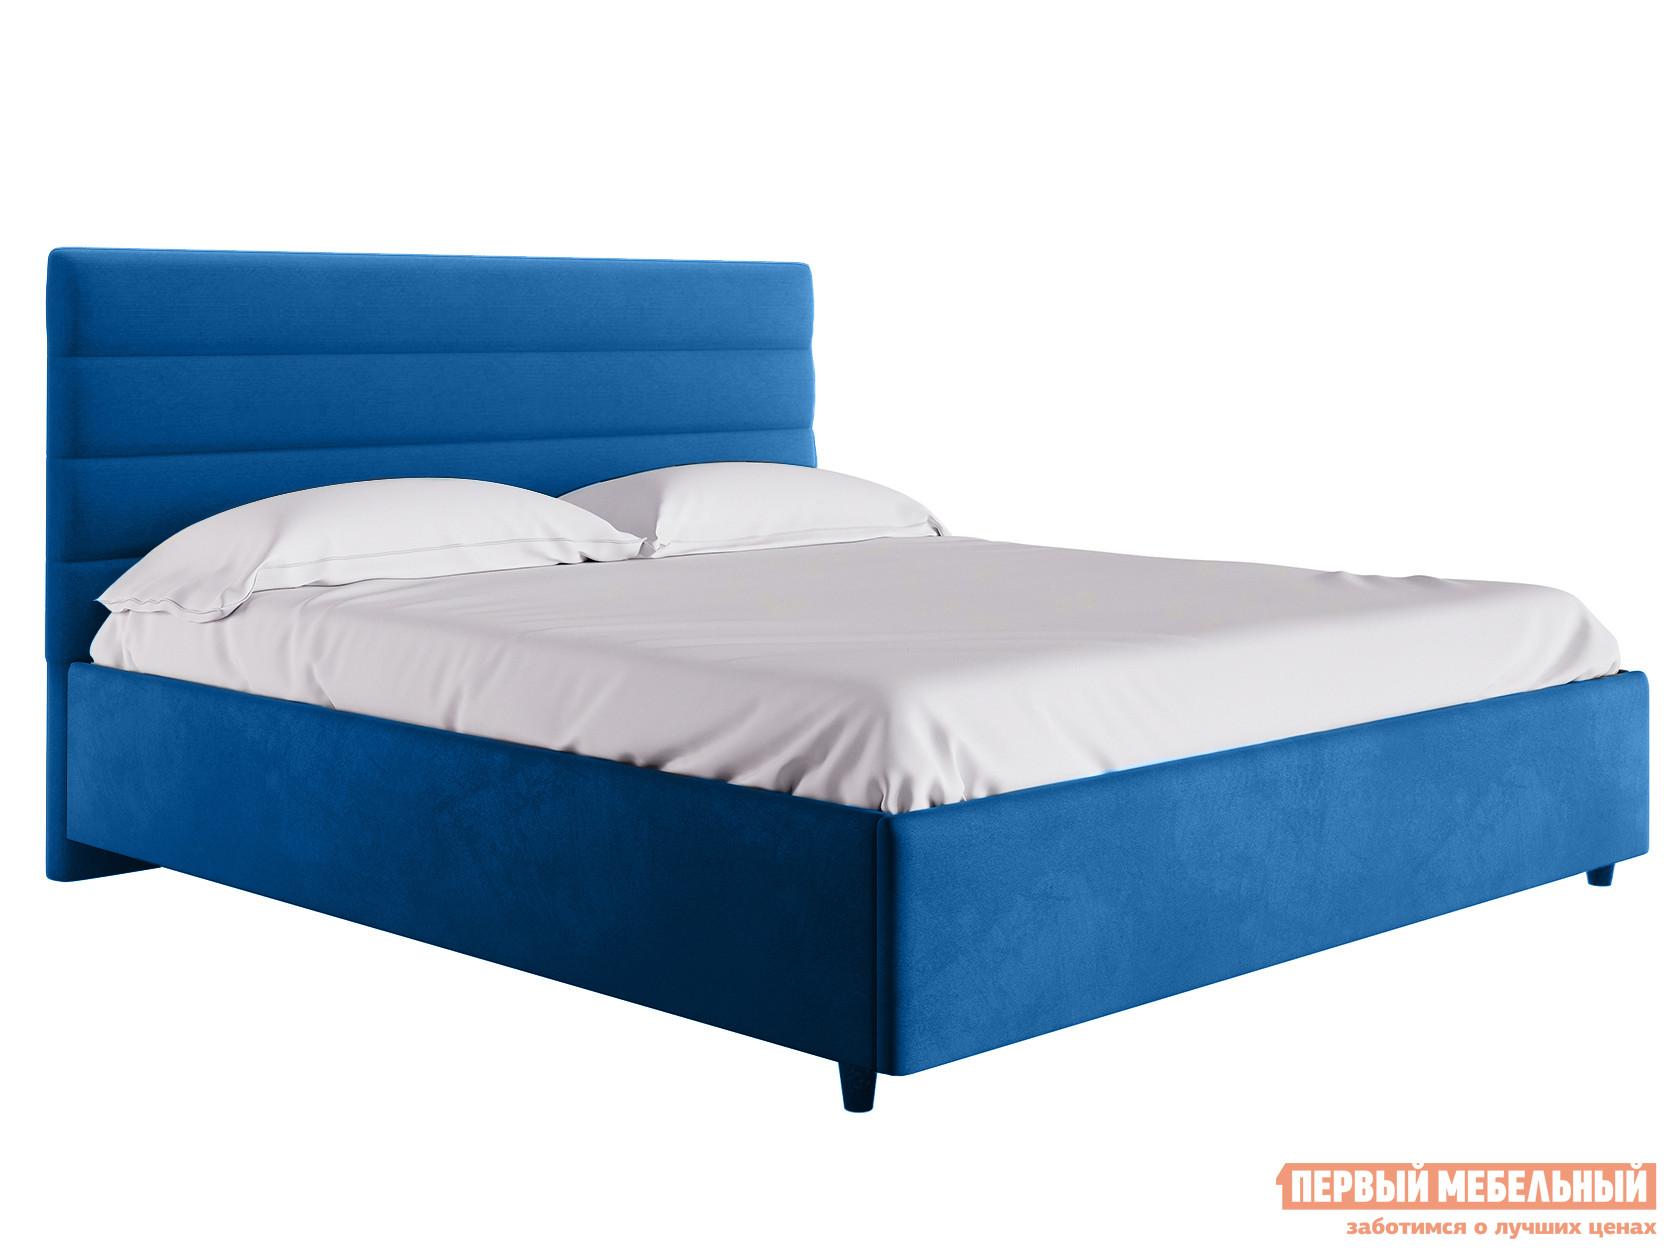 Двуспальная кровать  Кровать с подъемным механизмом Франческа ПМ Синий, велюр, 1800 Х 2000 мм